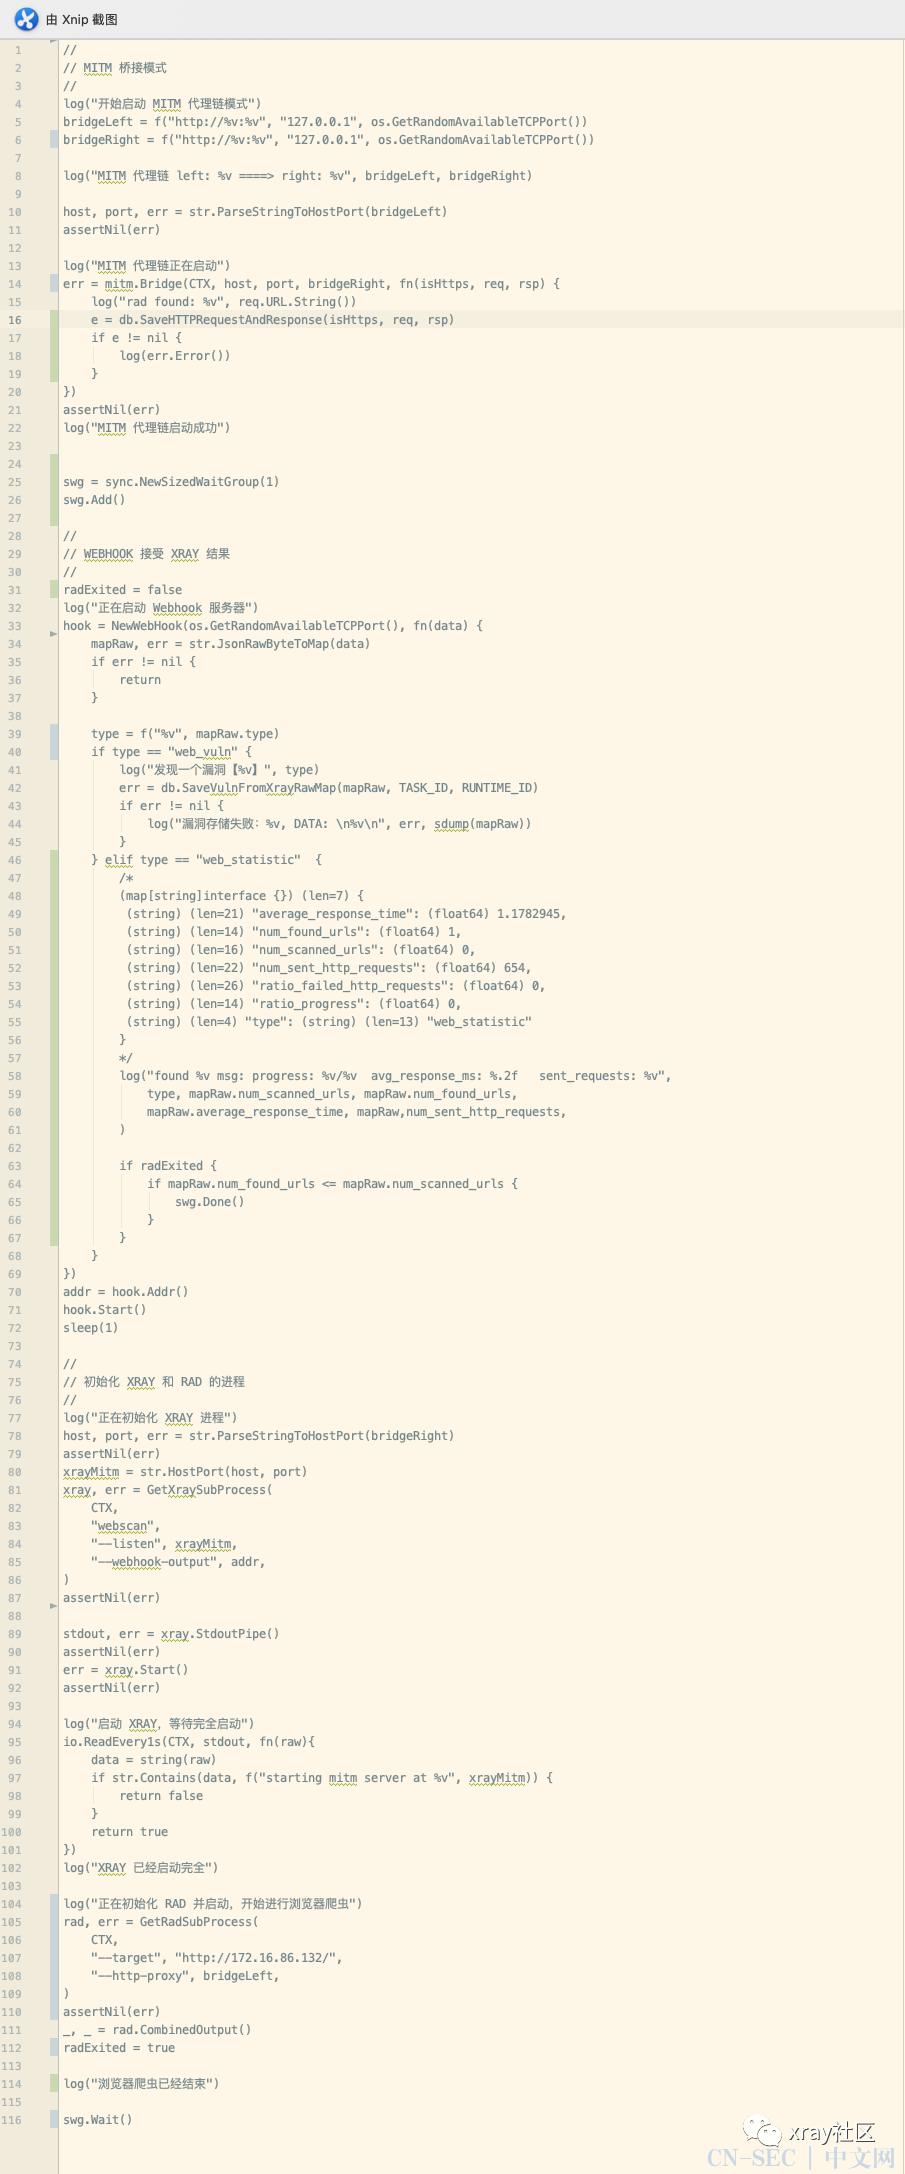 rad 浏览器爬虫如何参与到企业资产测绘中